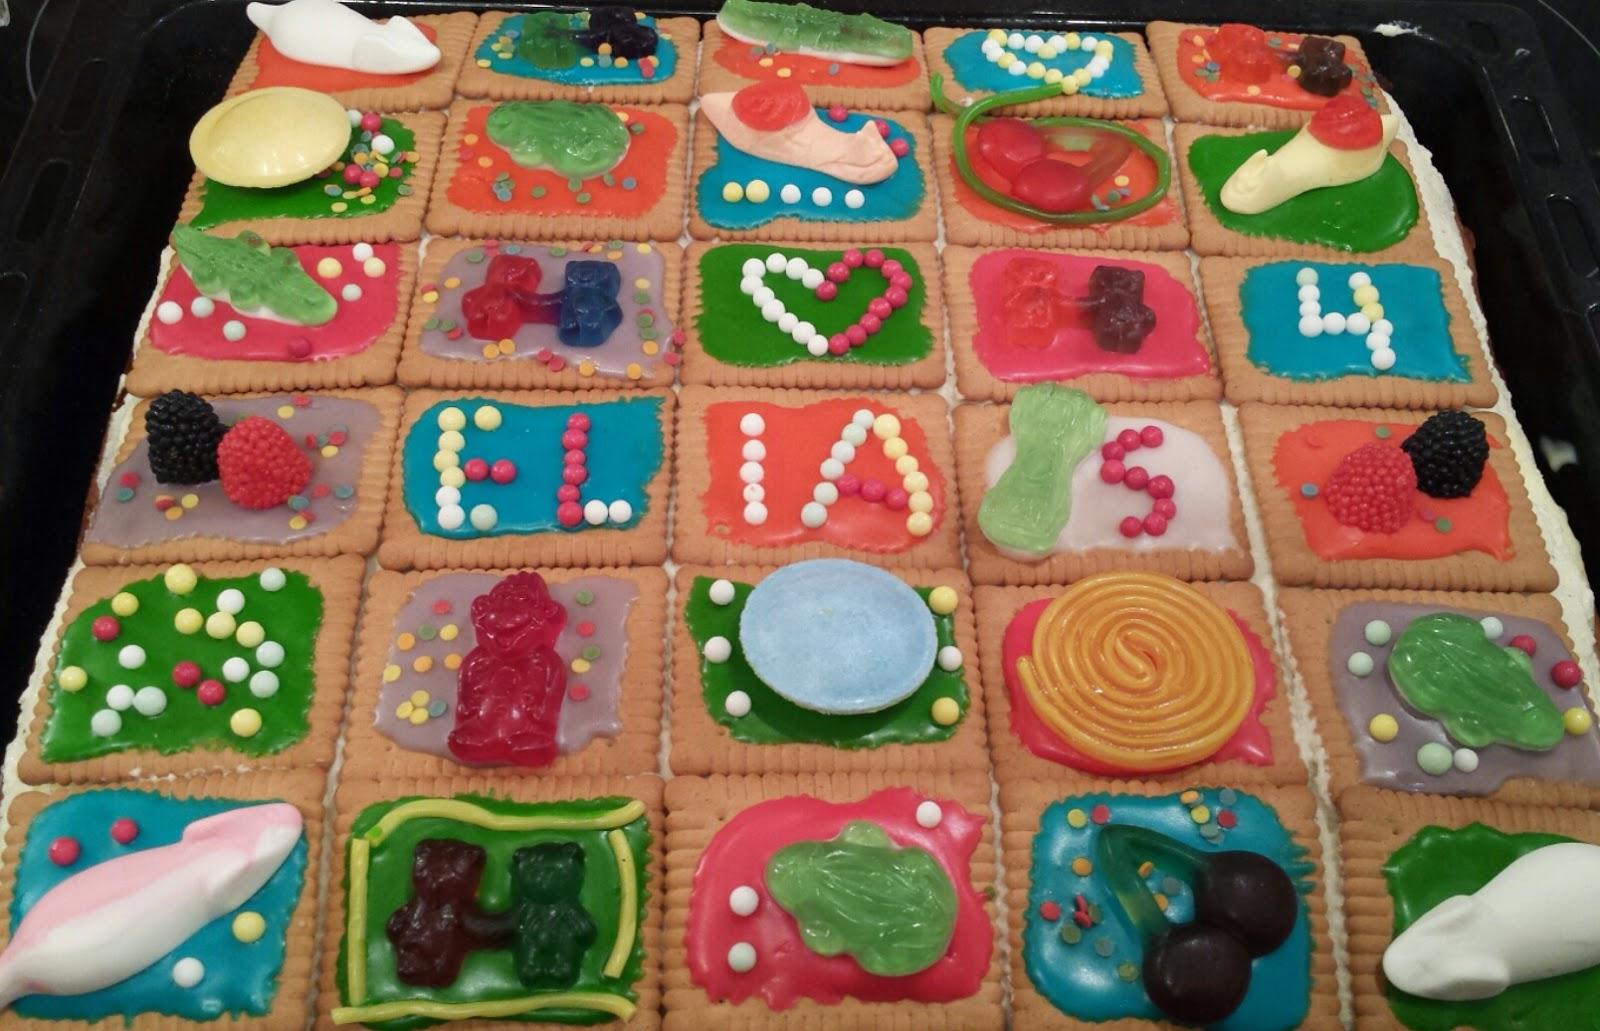 Gaumenluxus Butterkekskuchen Ist Der Perfekte Kuchen Fur Geburtstag